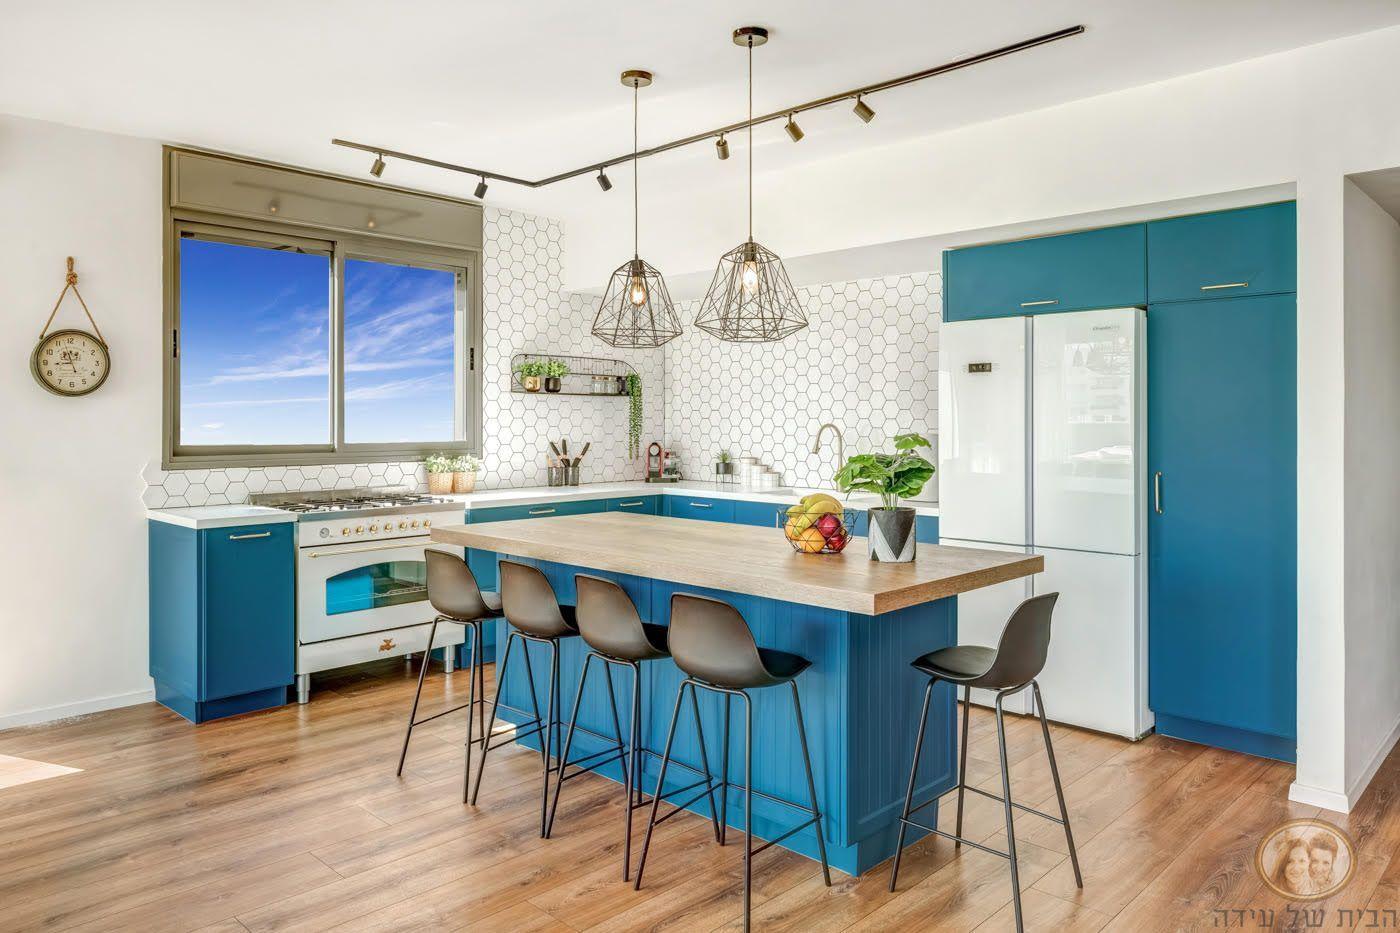 מטבחי זיו- עיצוב הבית של אידה- רייצ'ל הלפרין, צילום אודי גורן